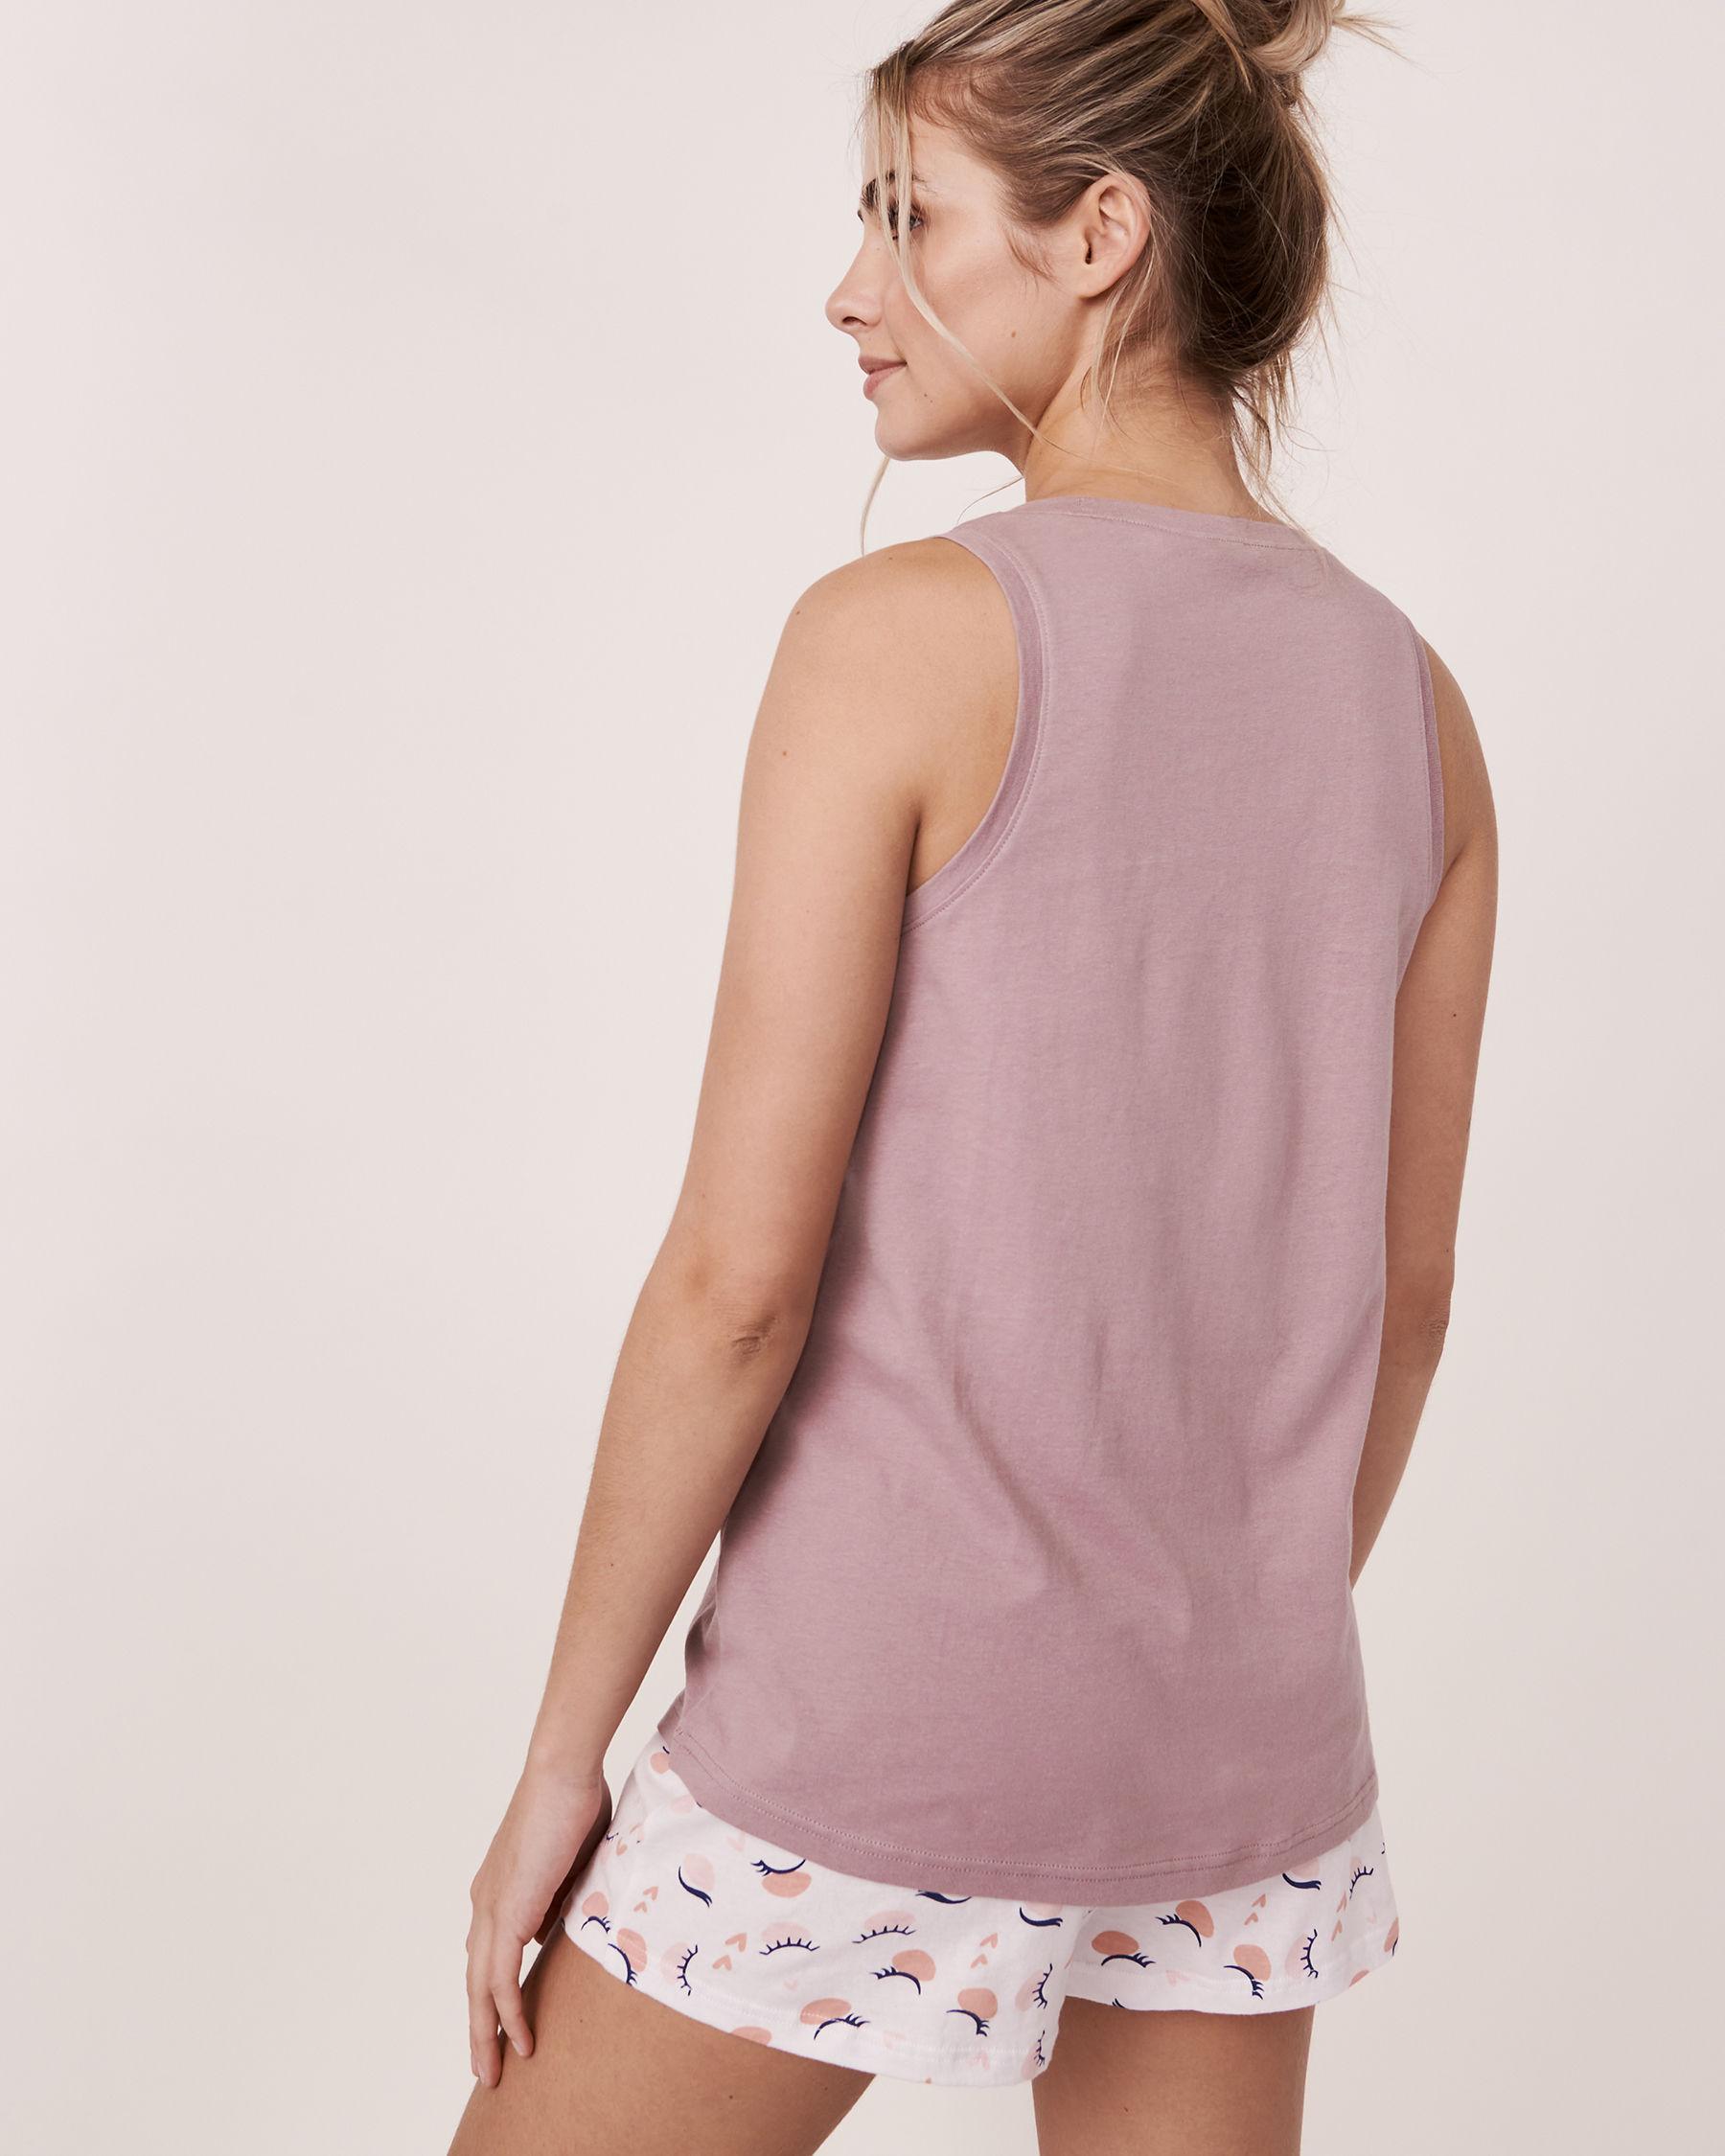 LA VIE EN ROSE Scoop Neckline Cami Purple 40100045 - View3